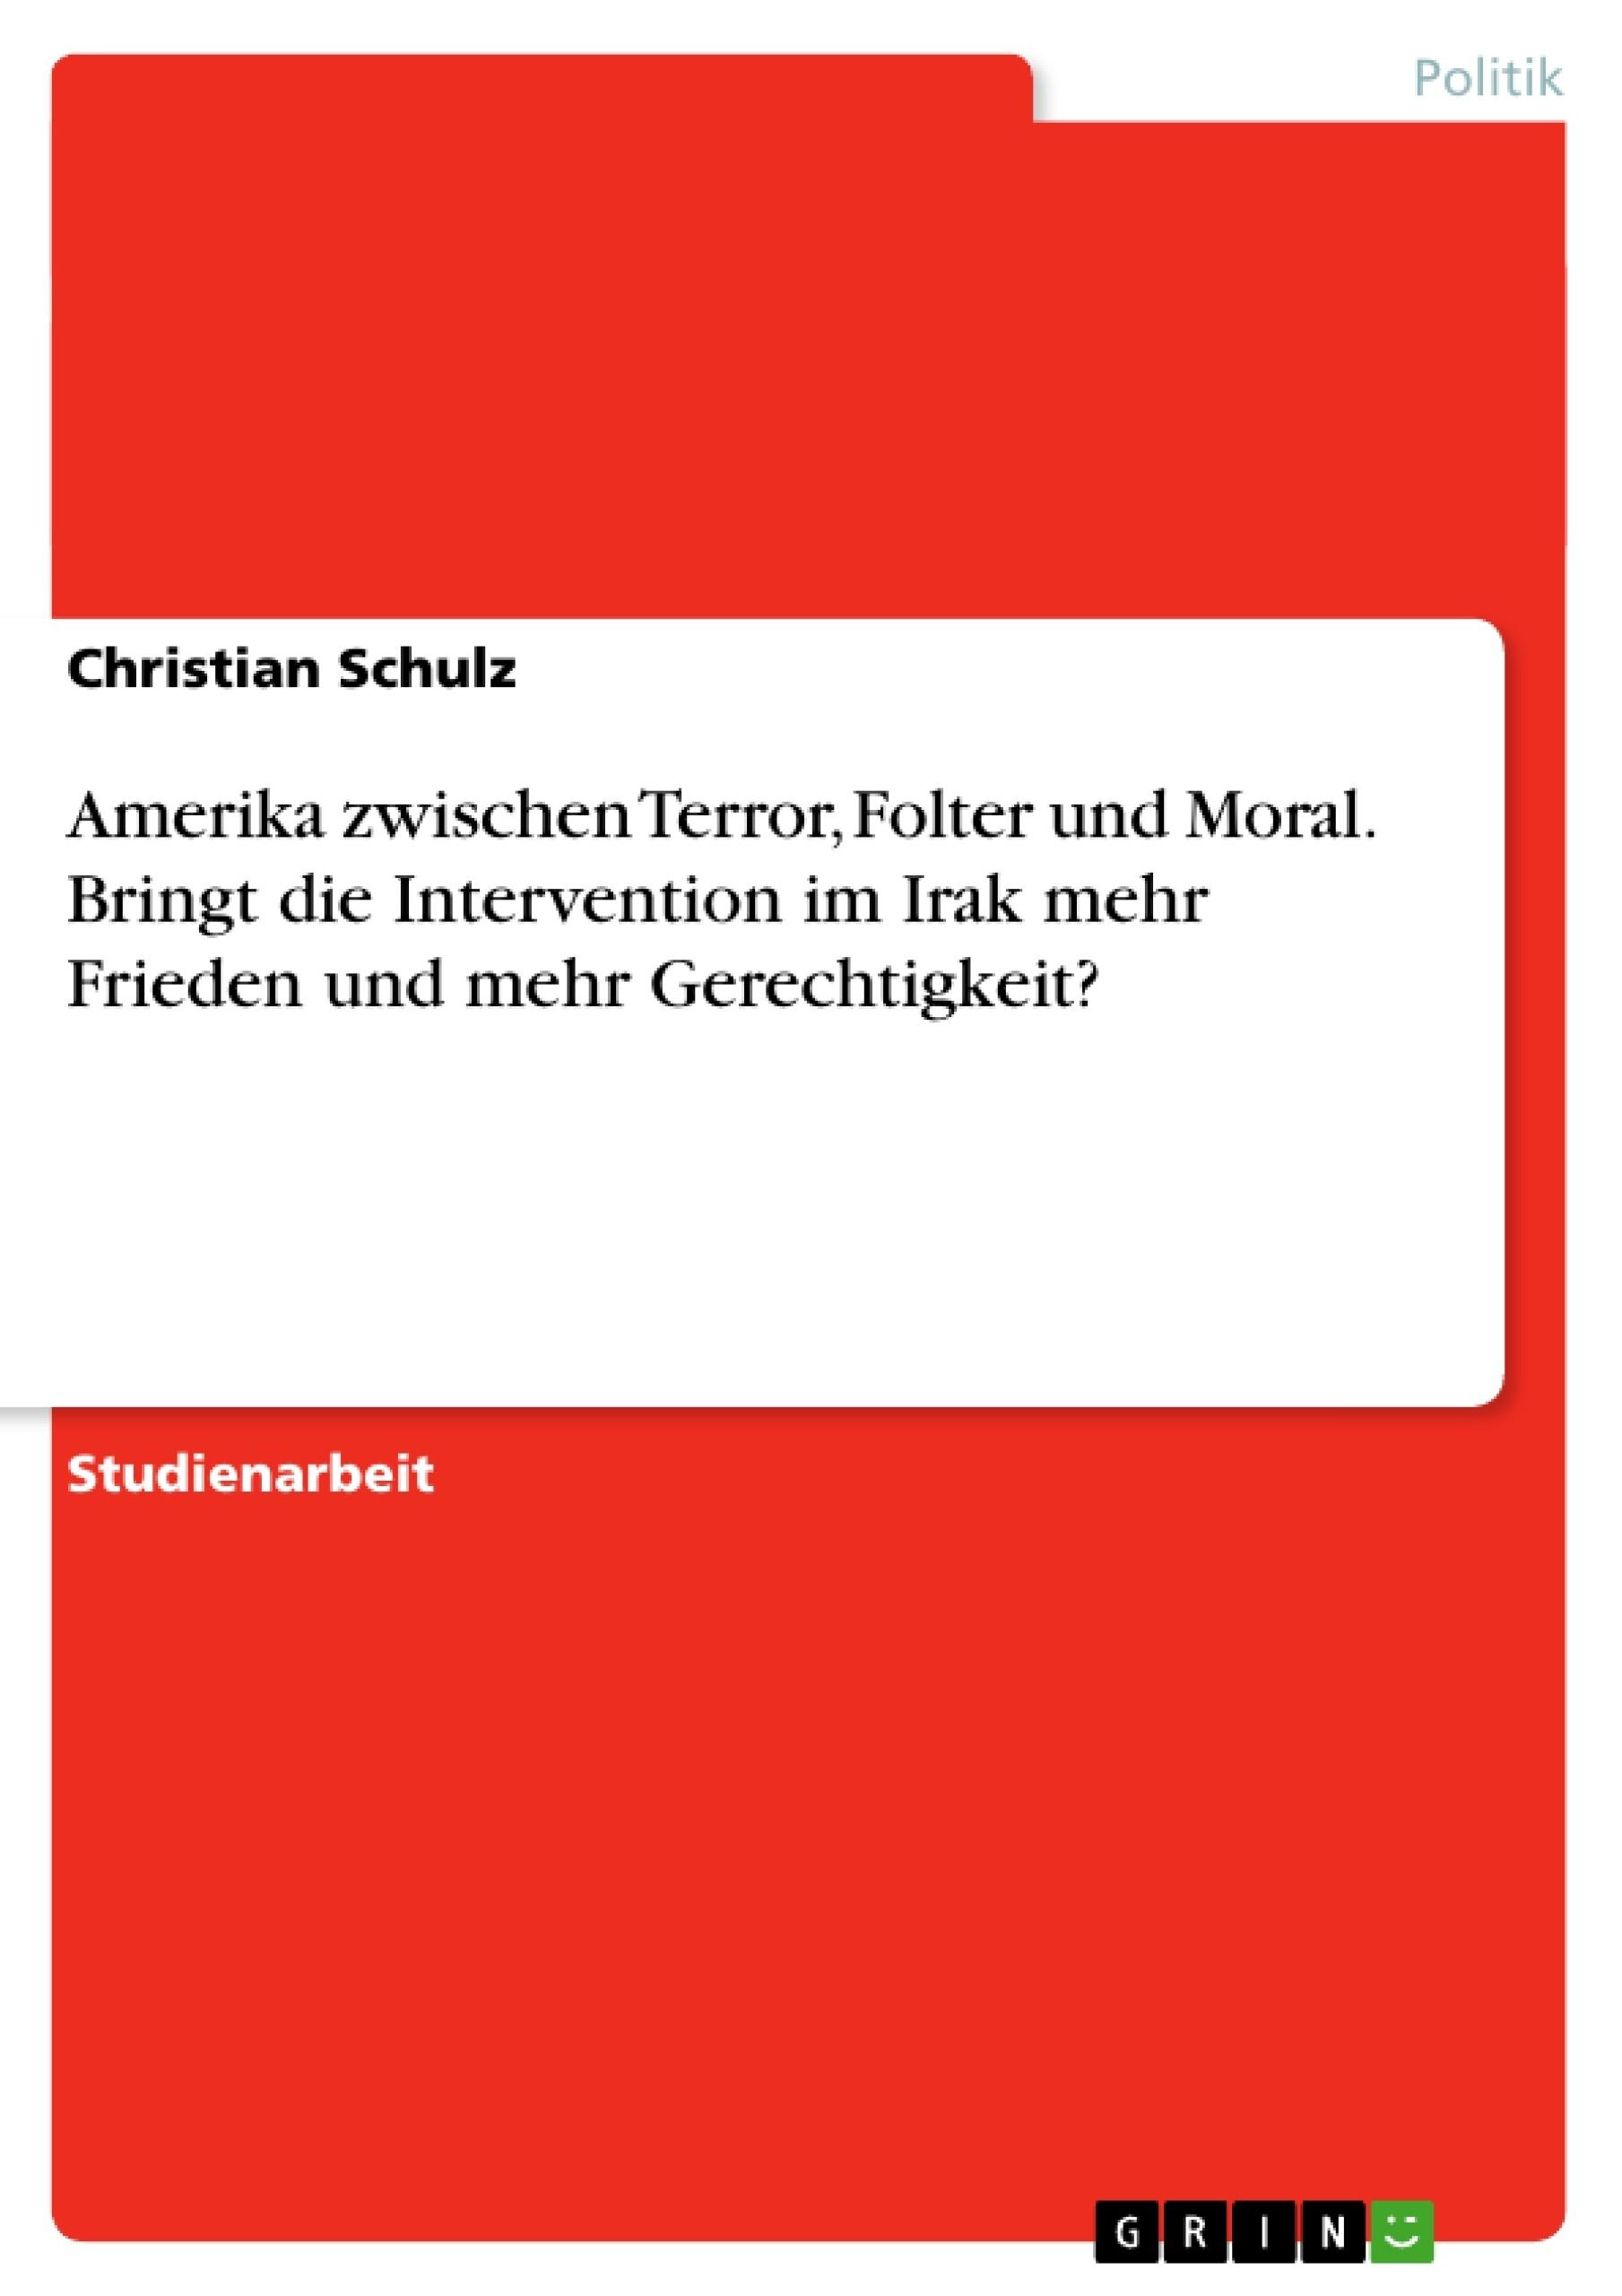 Titel: Amerika zwischen Terror, Folter und Moral. Bringt die Intervention im Irak mehr Frieden und mehr Gerechtigkeit?